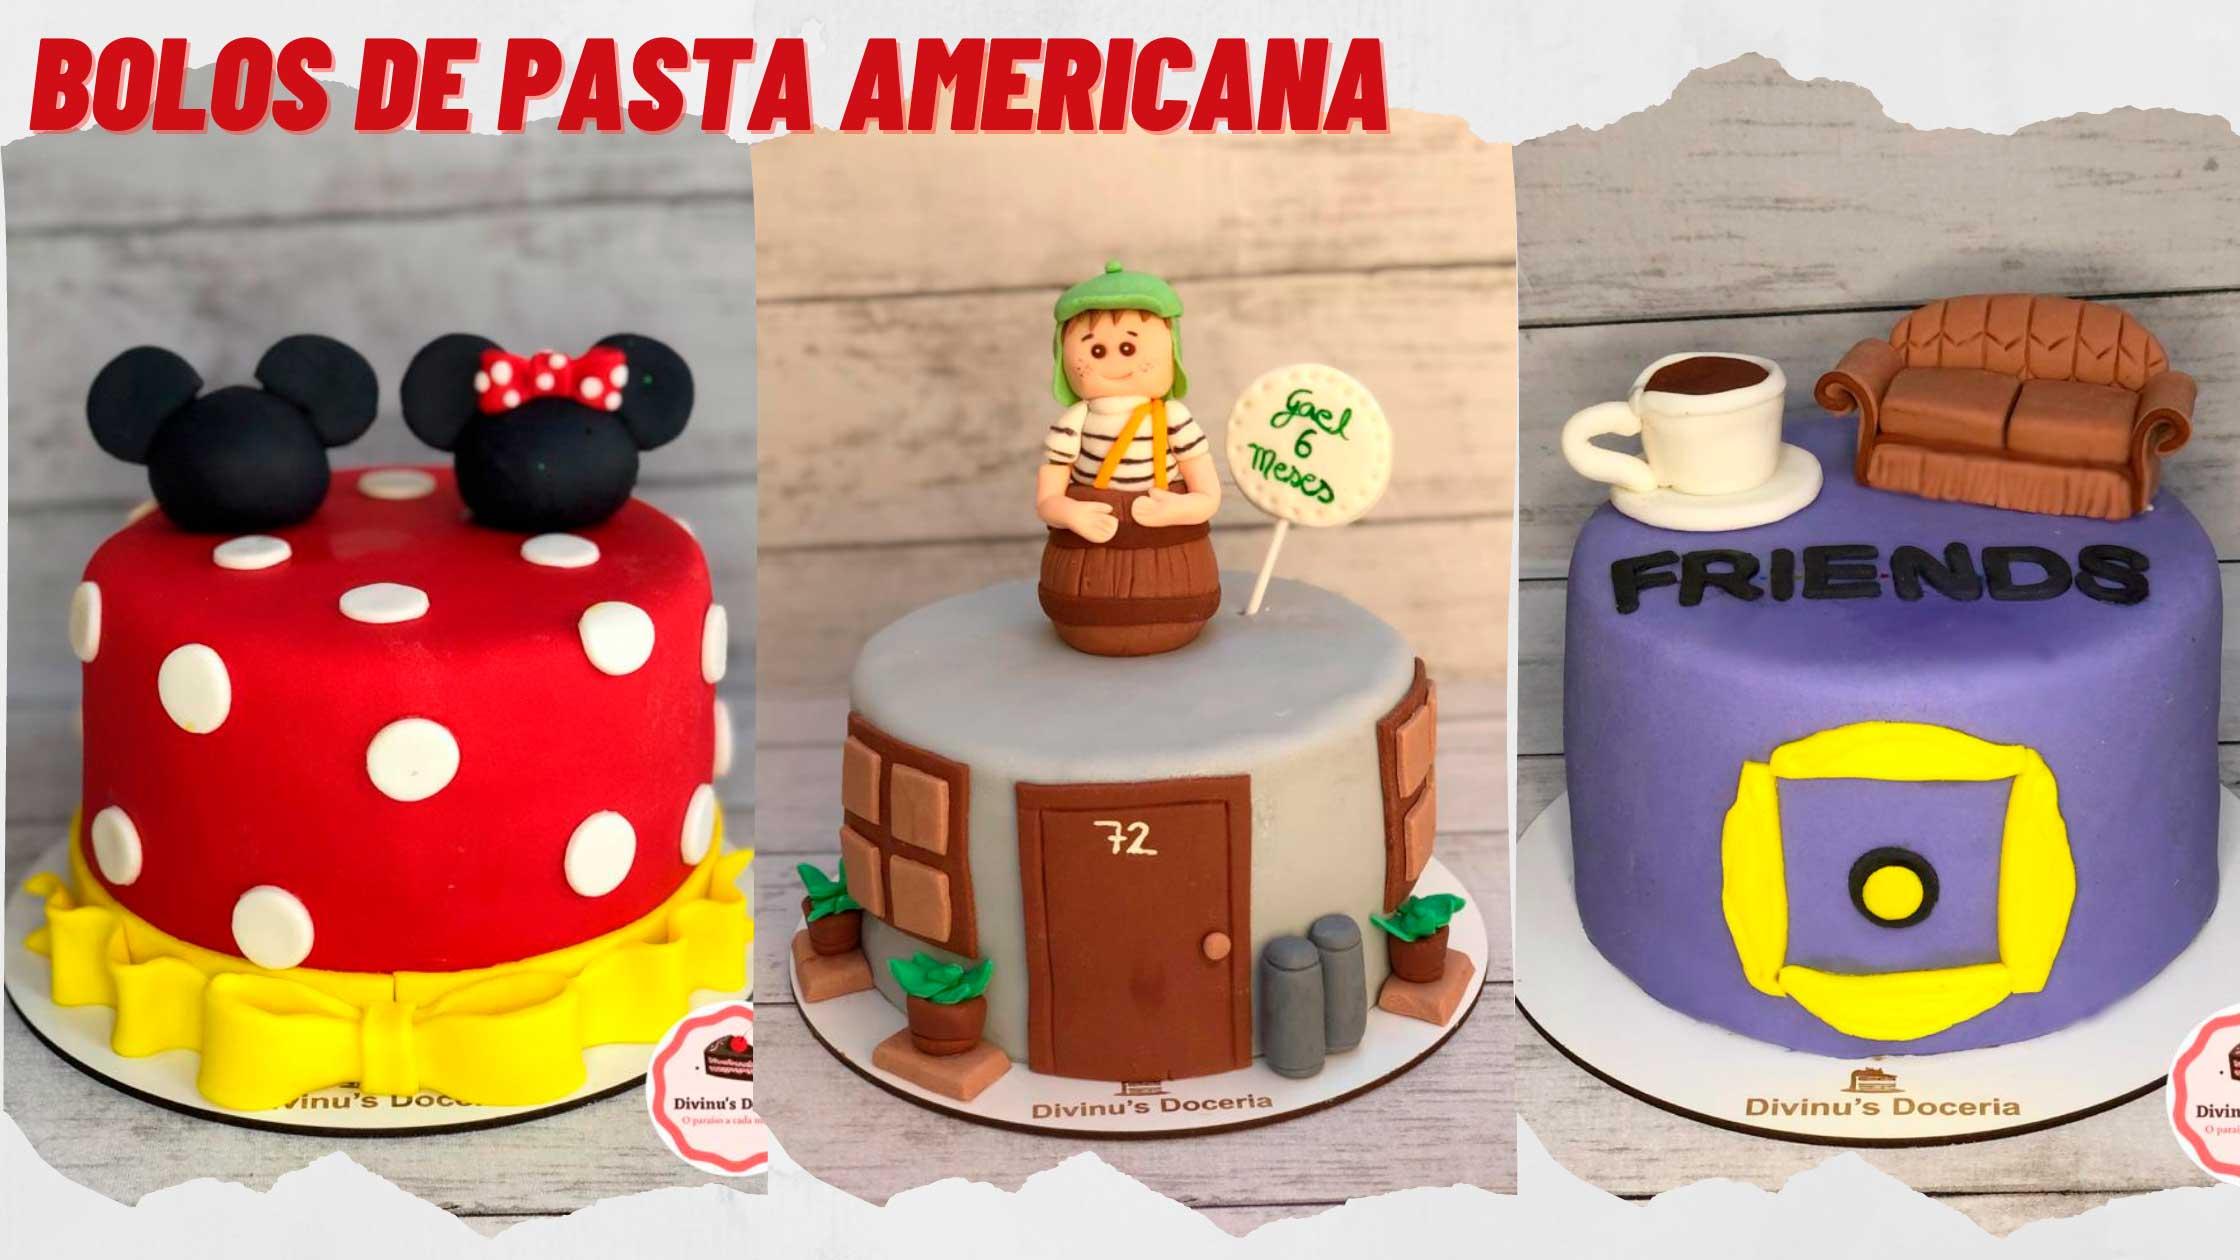 Bolo de Pasta Americana